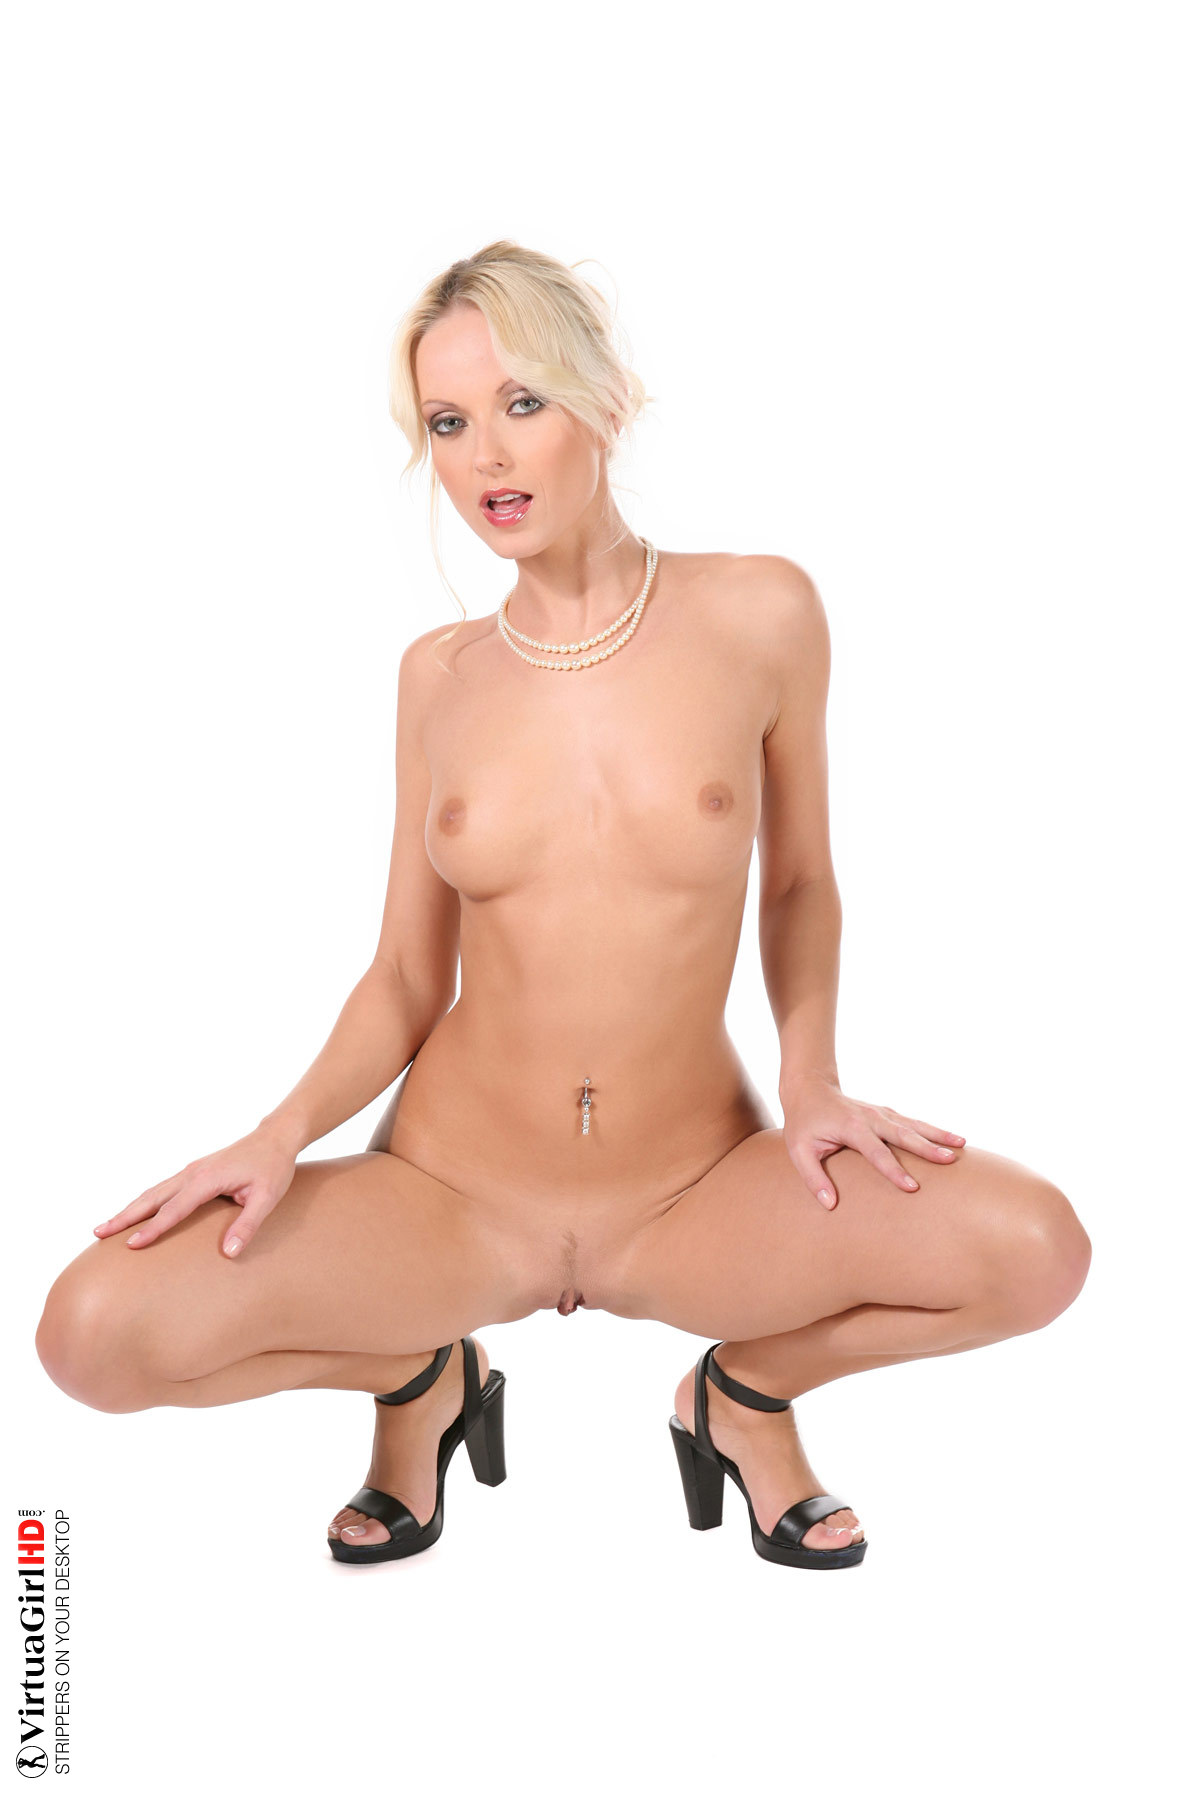 girls stripping movie